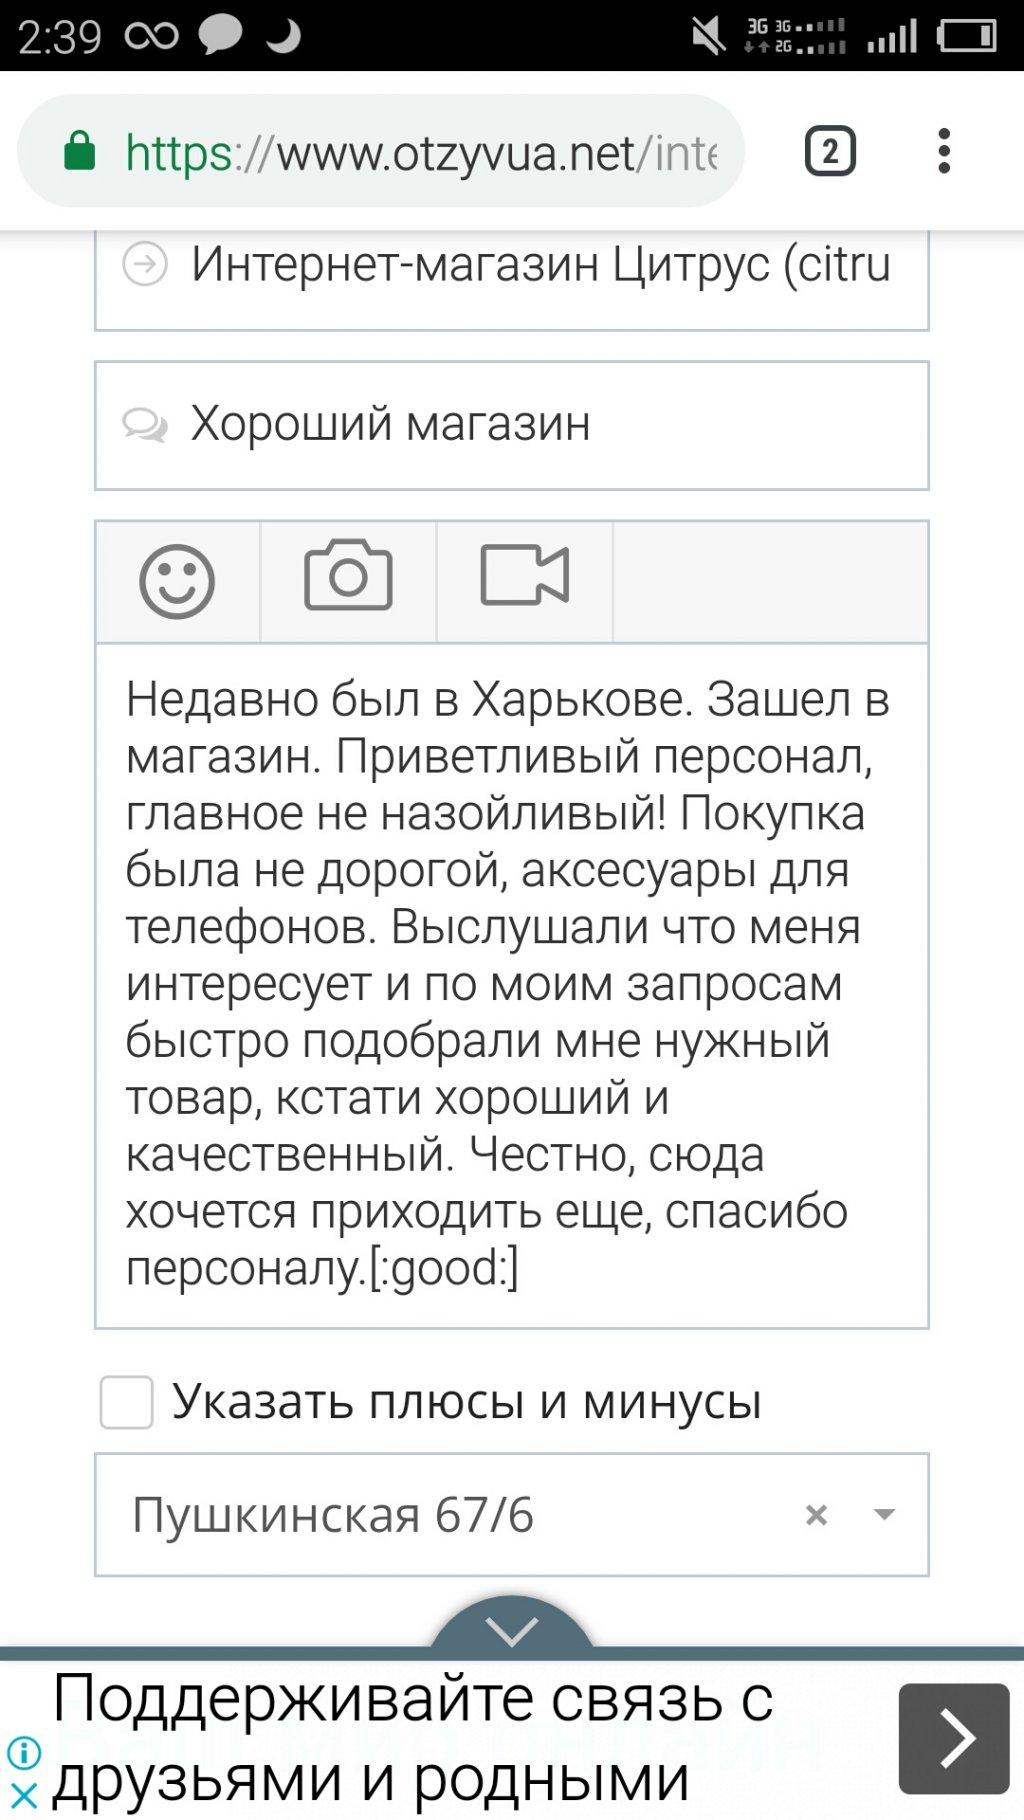 Интернет-магазин Цитрус (citrus.ua) - Хороший магазин